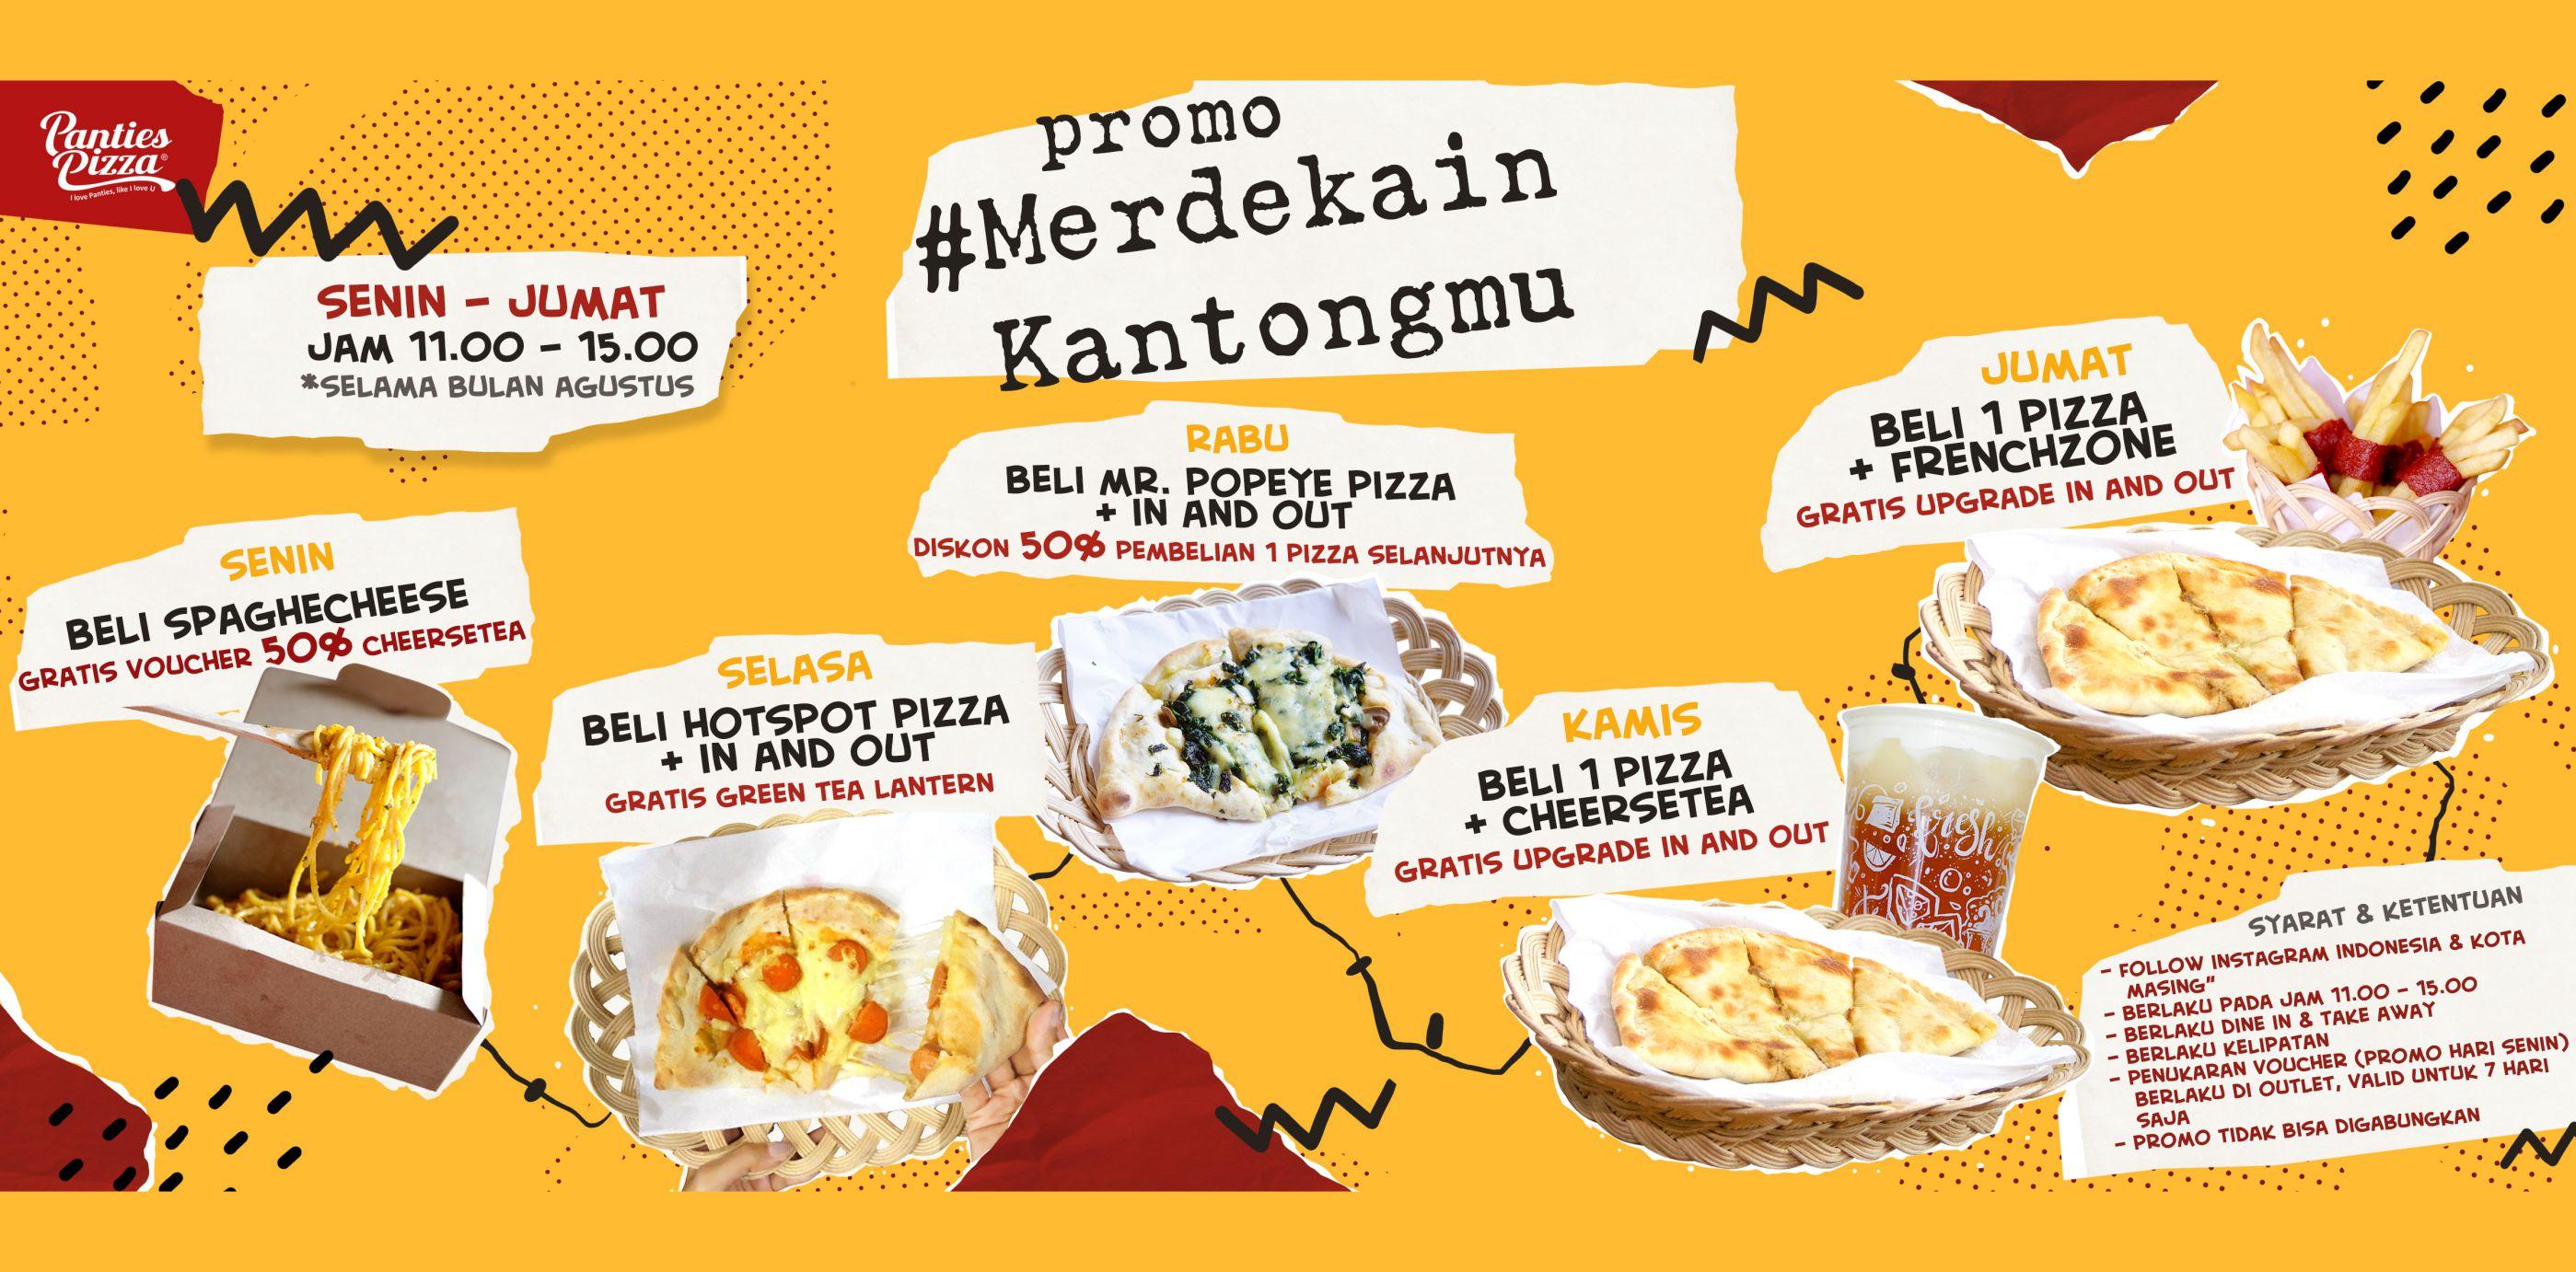 Panties Pizza Promo Merdekain Kantongmu